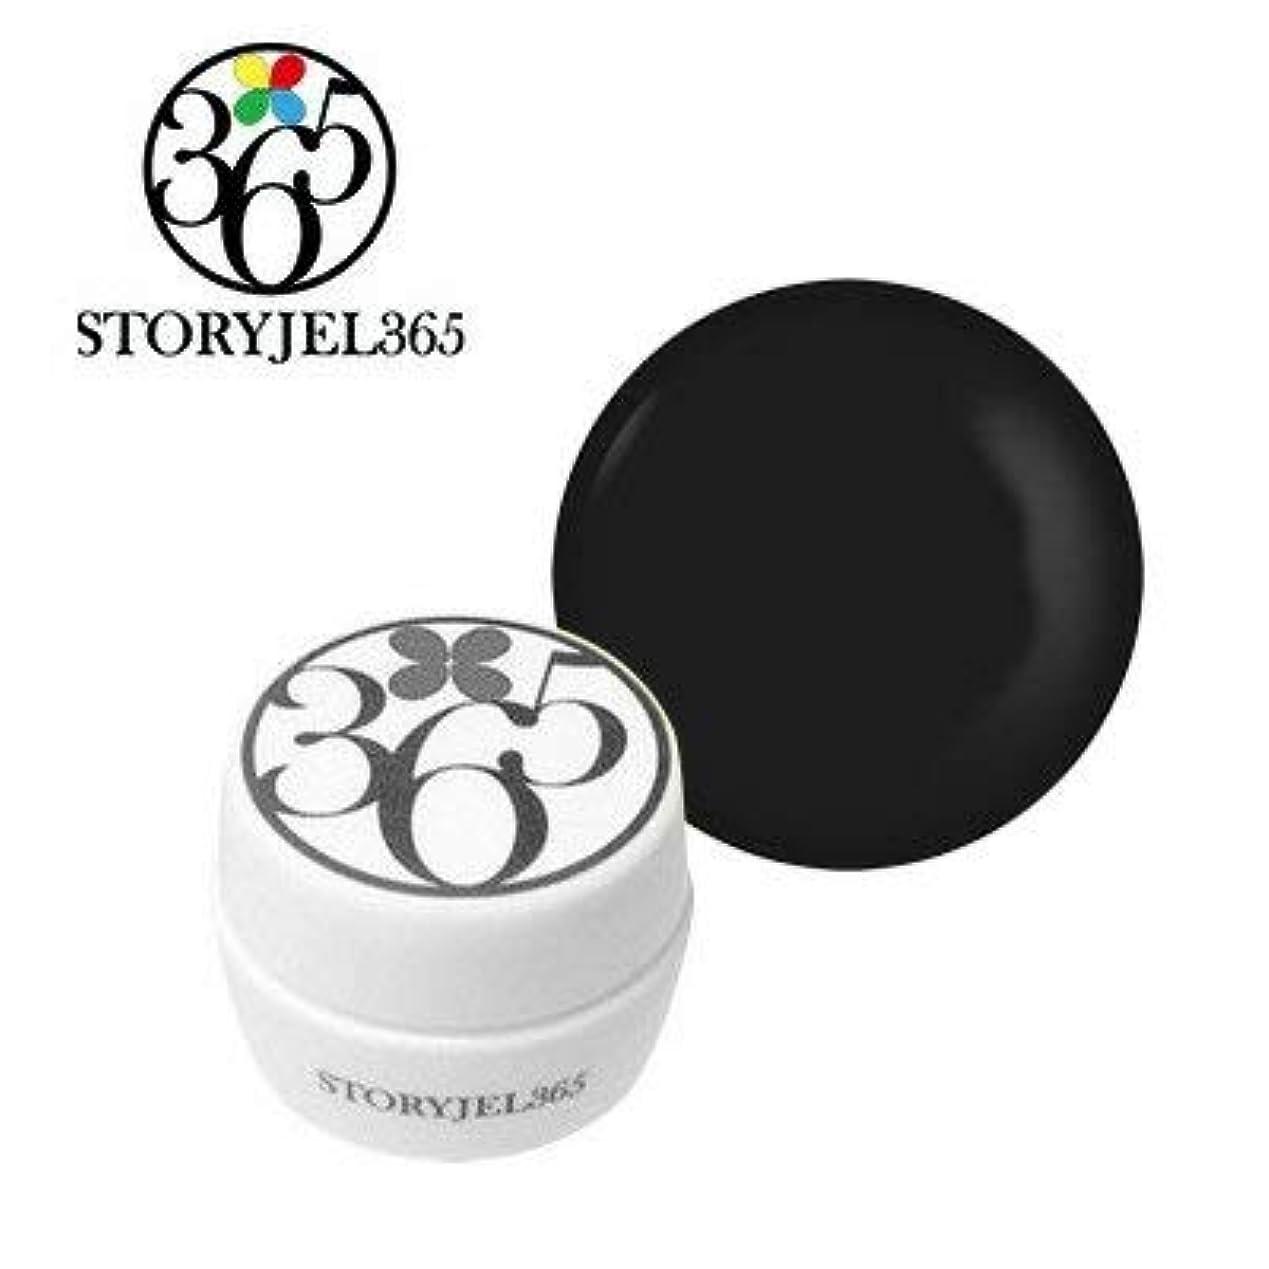 クレーン割合後継STORYJEL365 カラージェル 5g (ストーリージェル) SJS-301M-D 聖なる石